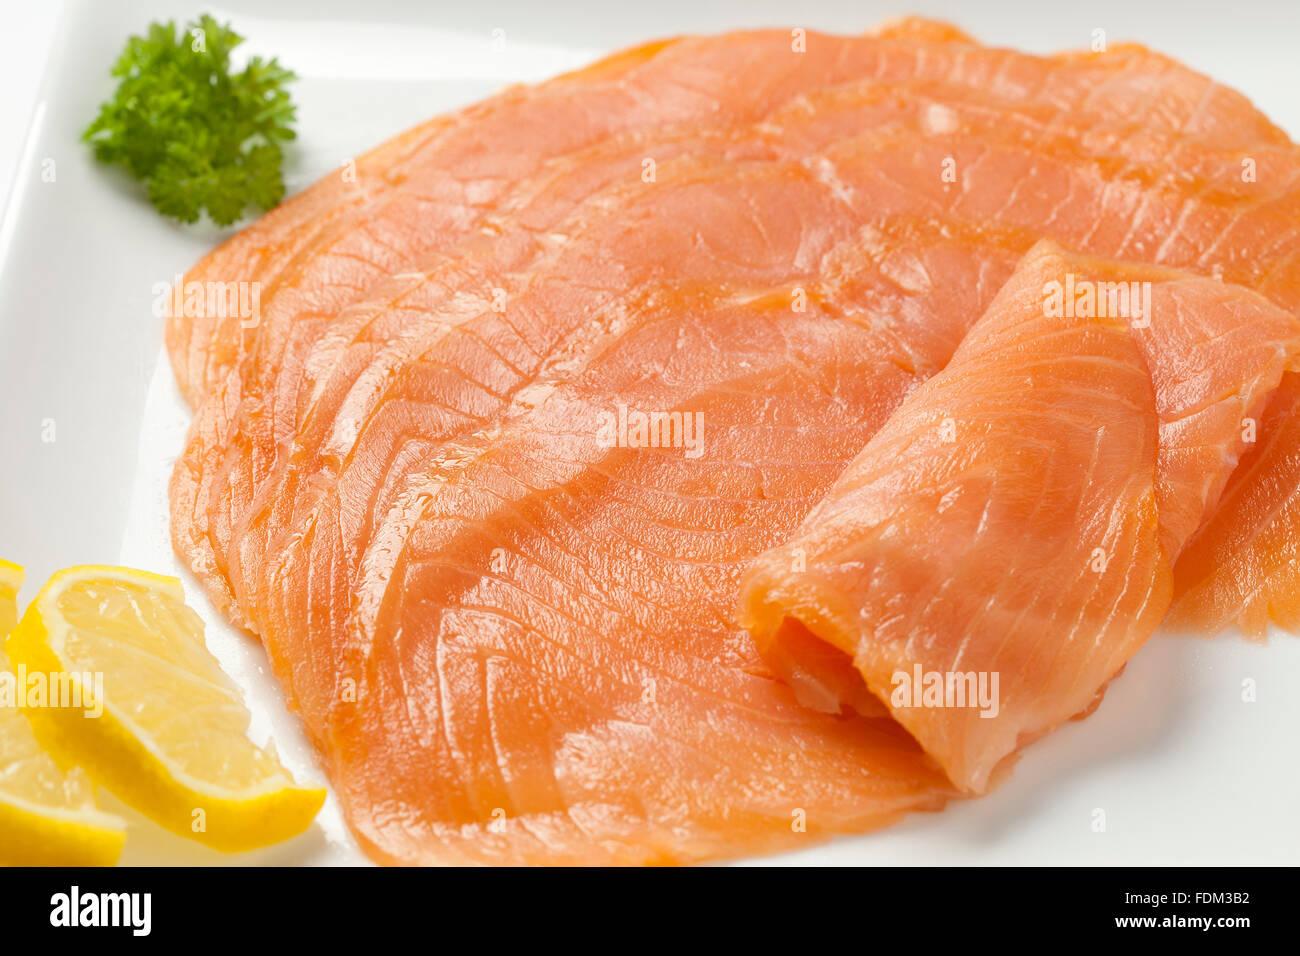 Salmone affumicato le fette su un piatto Immagini Stock